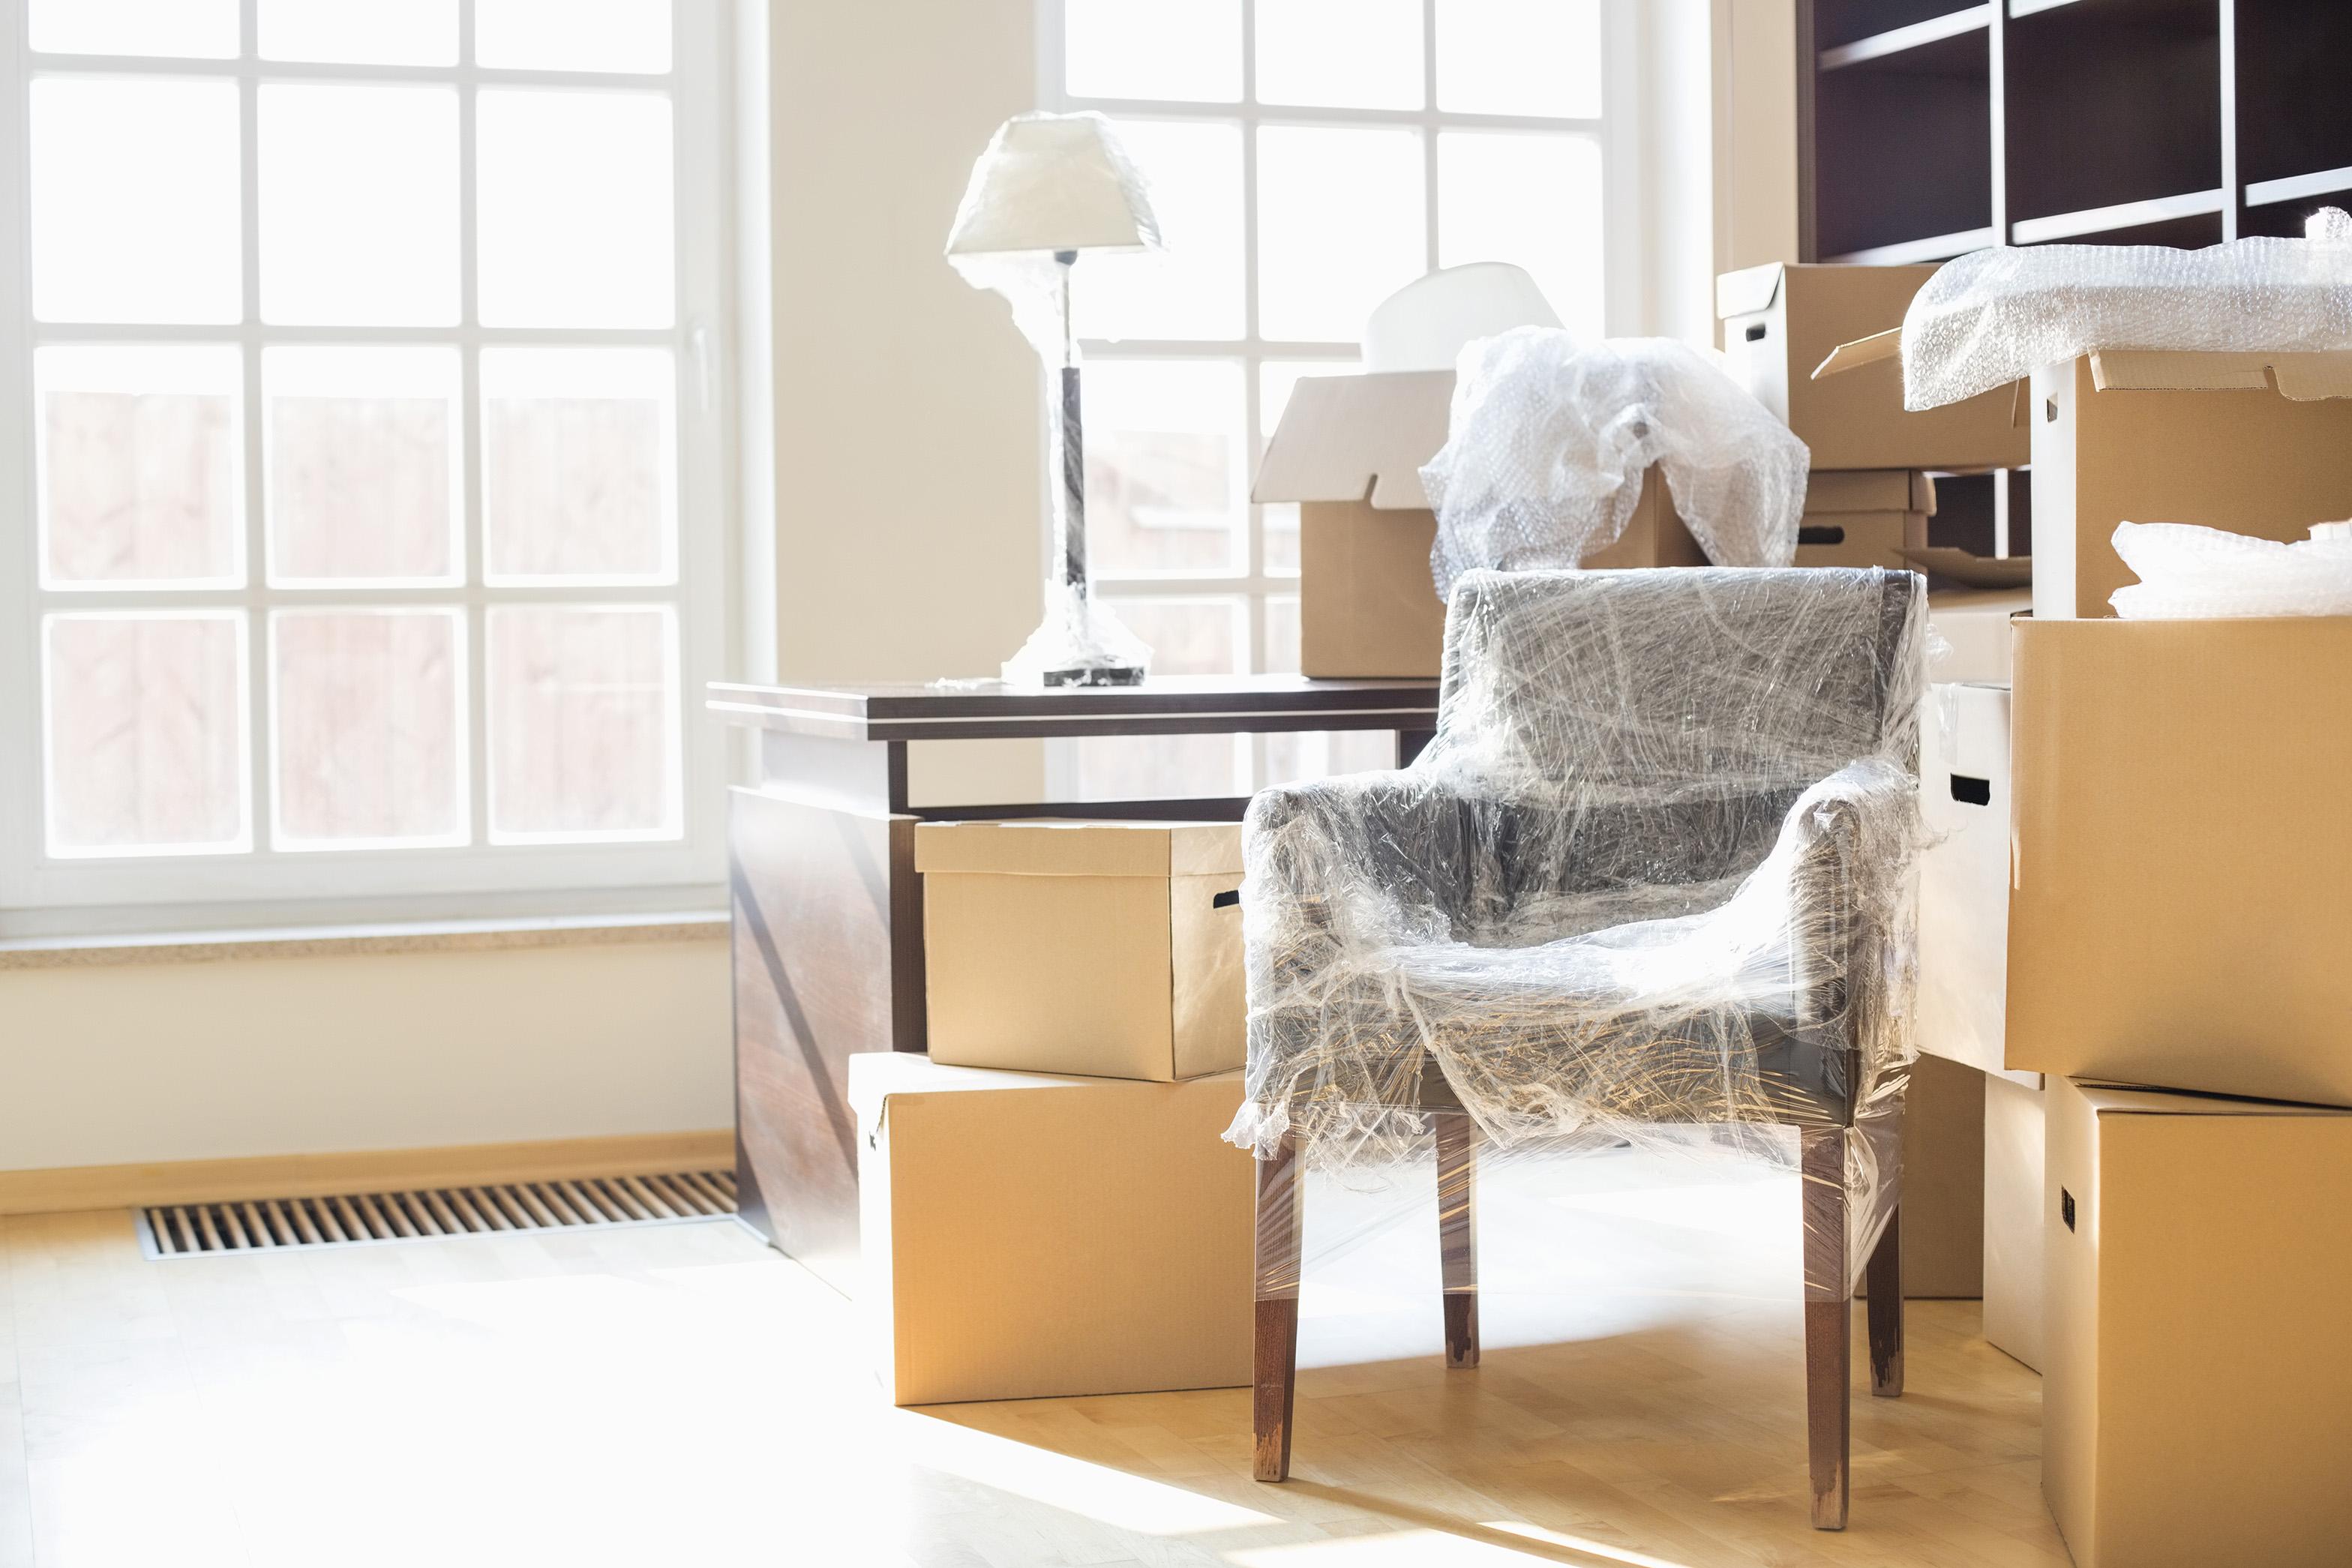 MOSDER-tasinmalarin mobilya sektorune etkileri (1)